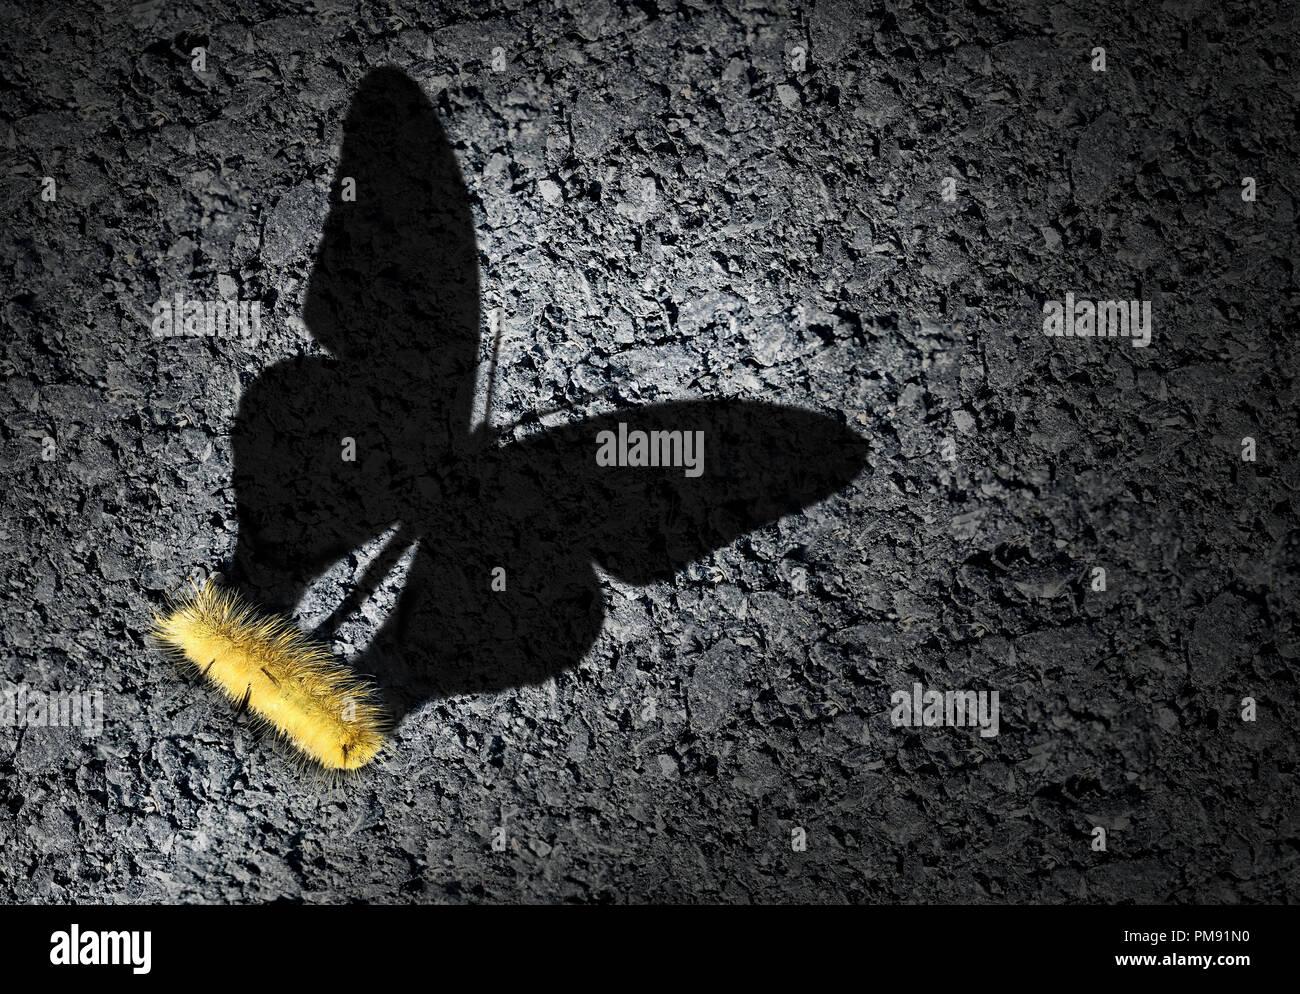 Concepto de aspiración y ambición como una idea de Caterpillar una sombra odf una mariposa como un logro y esperanza para el futuro éxito. Imagen De Stock